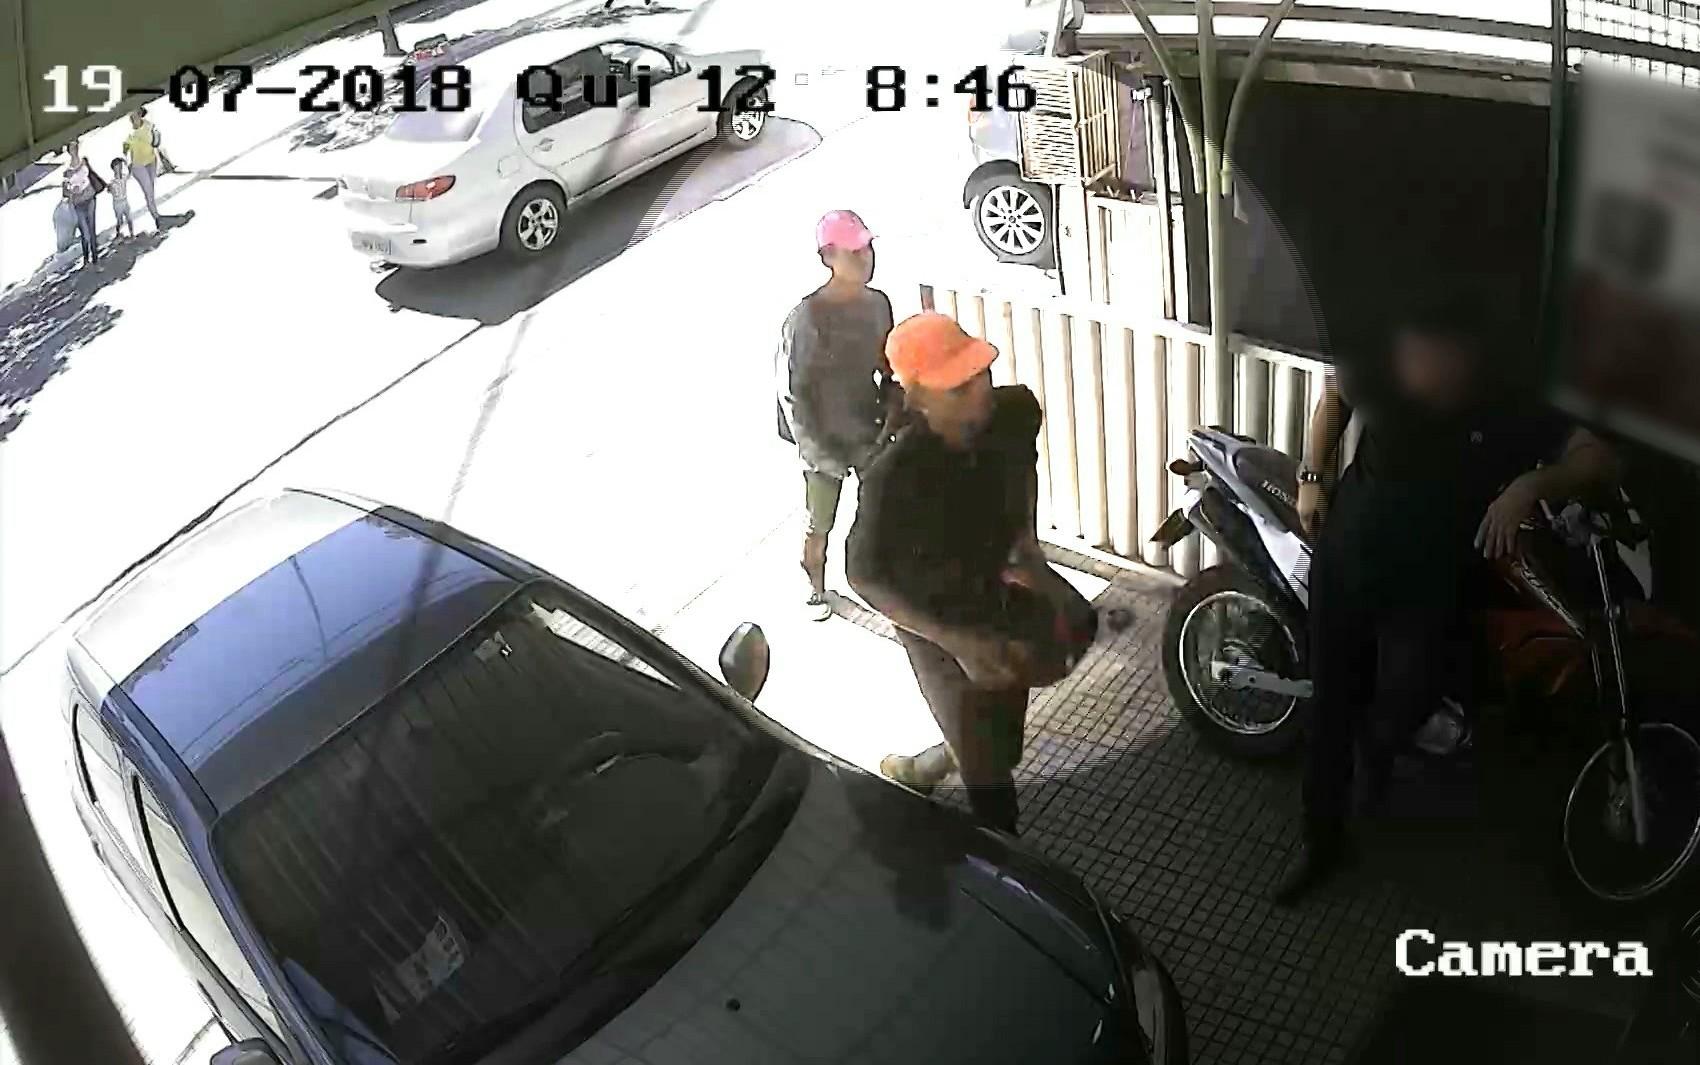 Vídeo flagra roubo em loja no Centro de Campina Grande nesta sexta-feira (20)